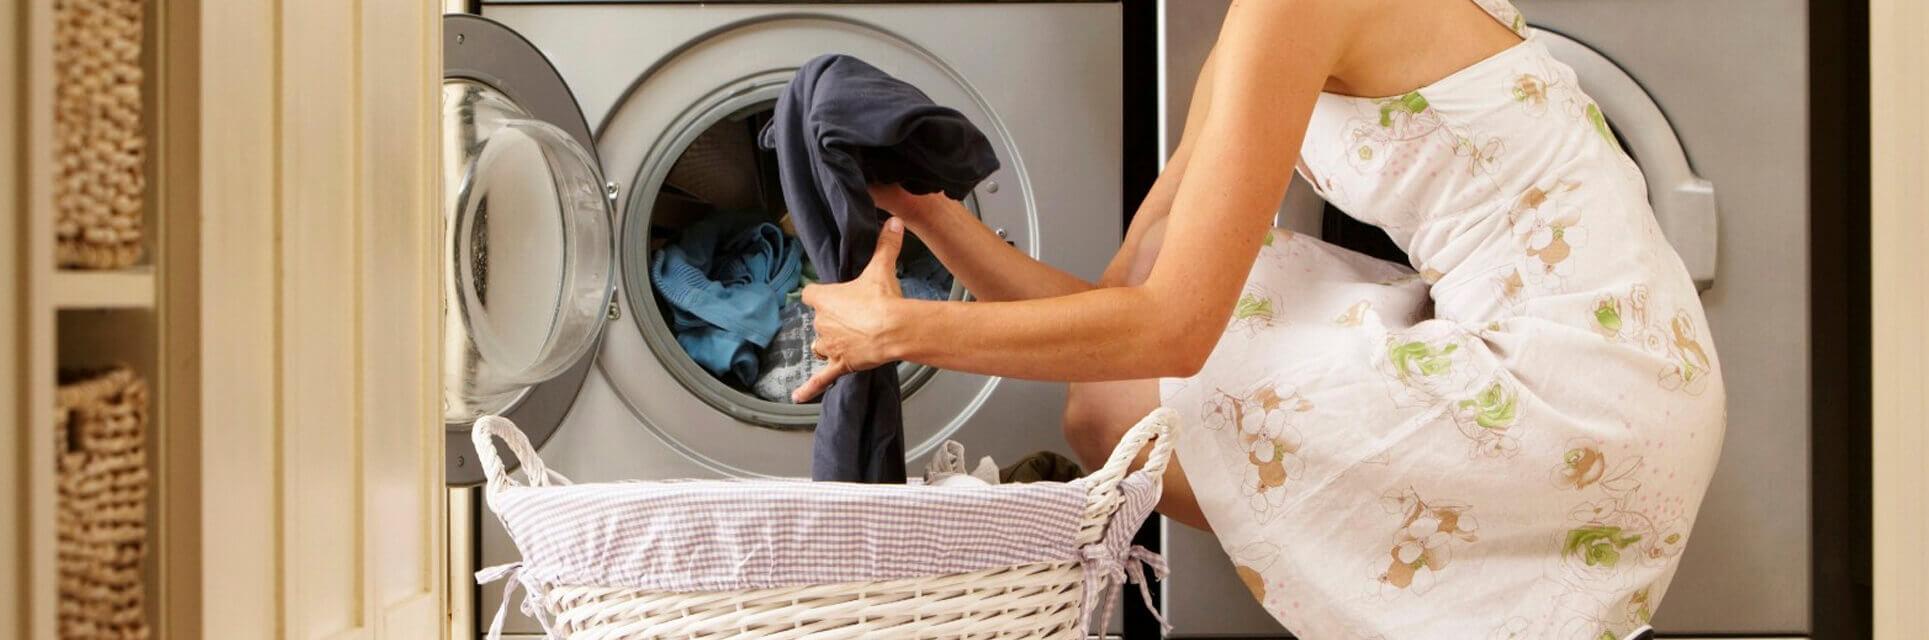 Servicio técnico lavadoras indesit